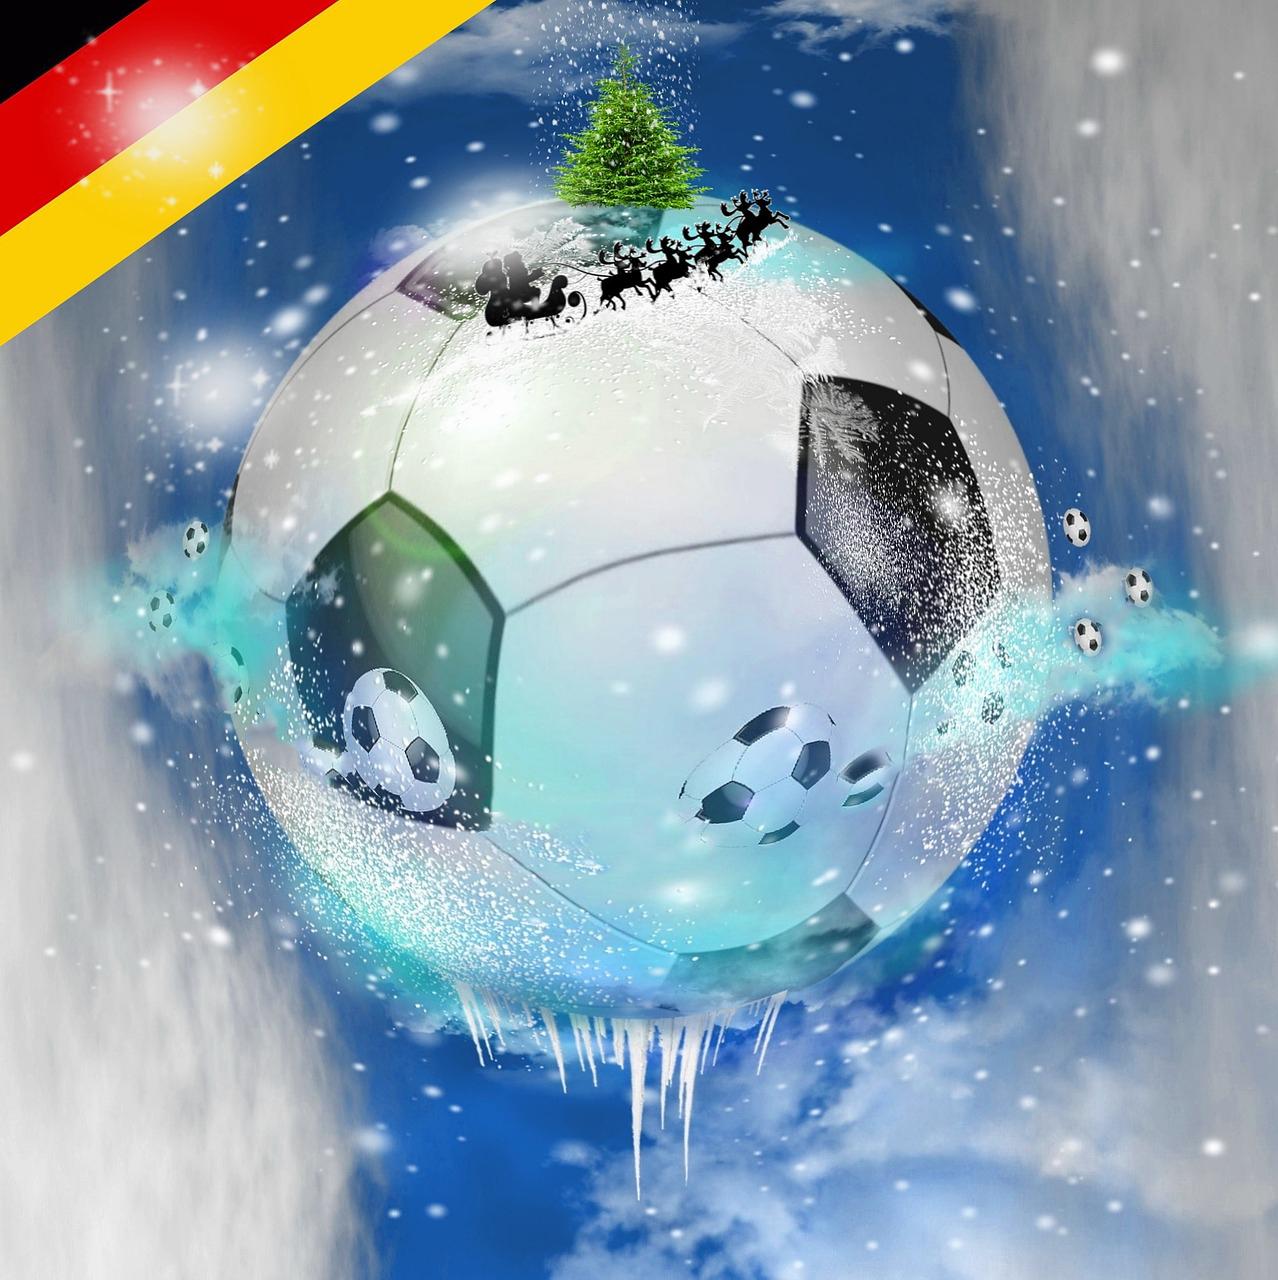 Gedicht Zur Weihnachtsfeier (Für Fußballspieler) – Festpark.de bestimmt für Lustige Gedichte Zur Weihnachtsfeier